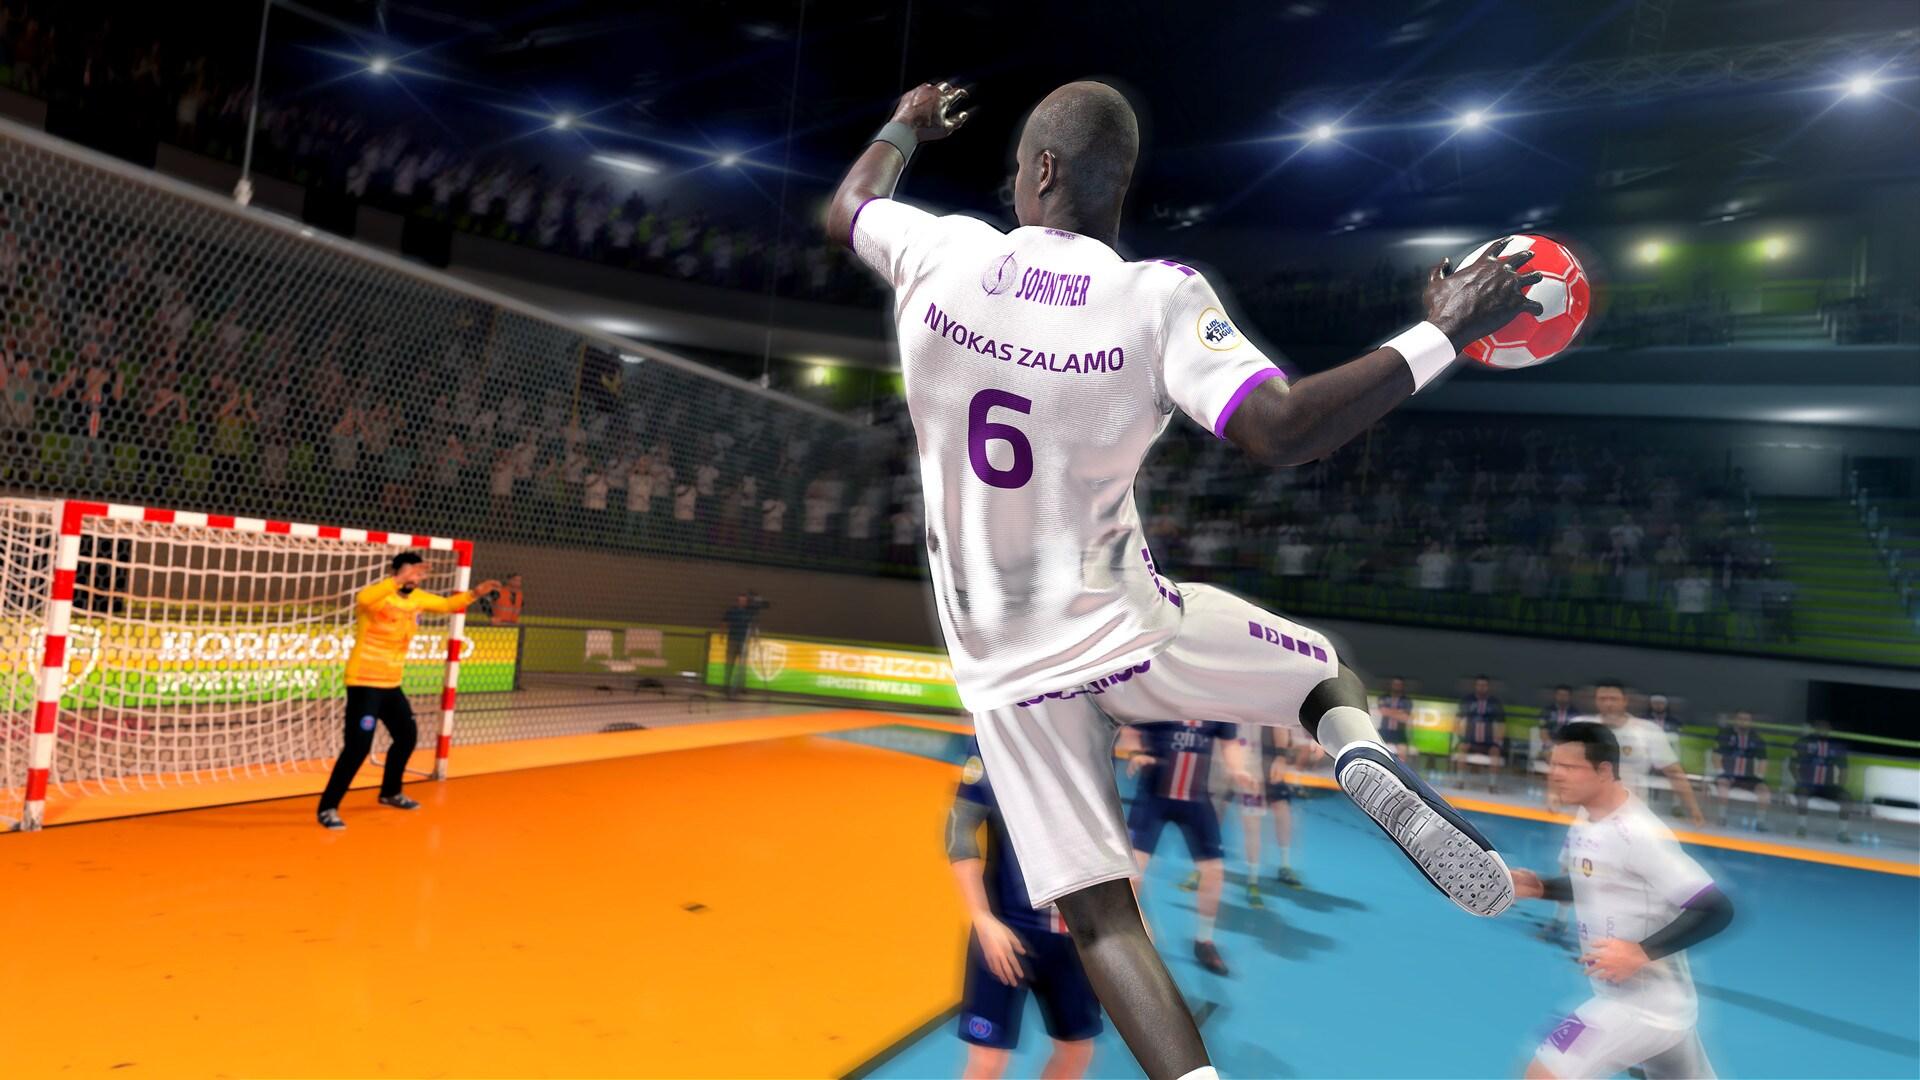 Handball 21 (PC) - Steam Gift - EUROPE - 2